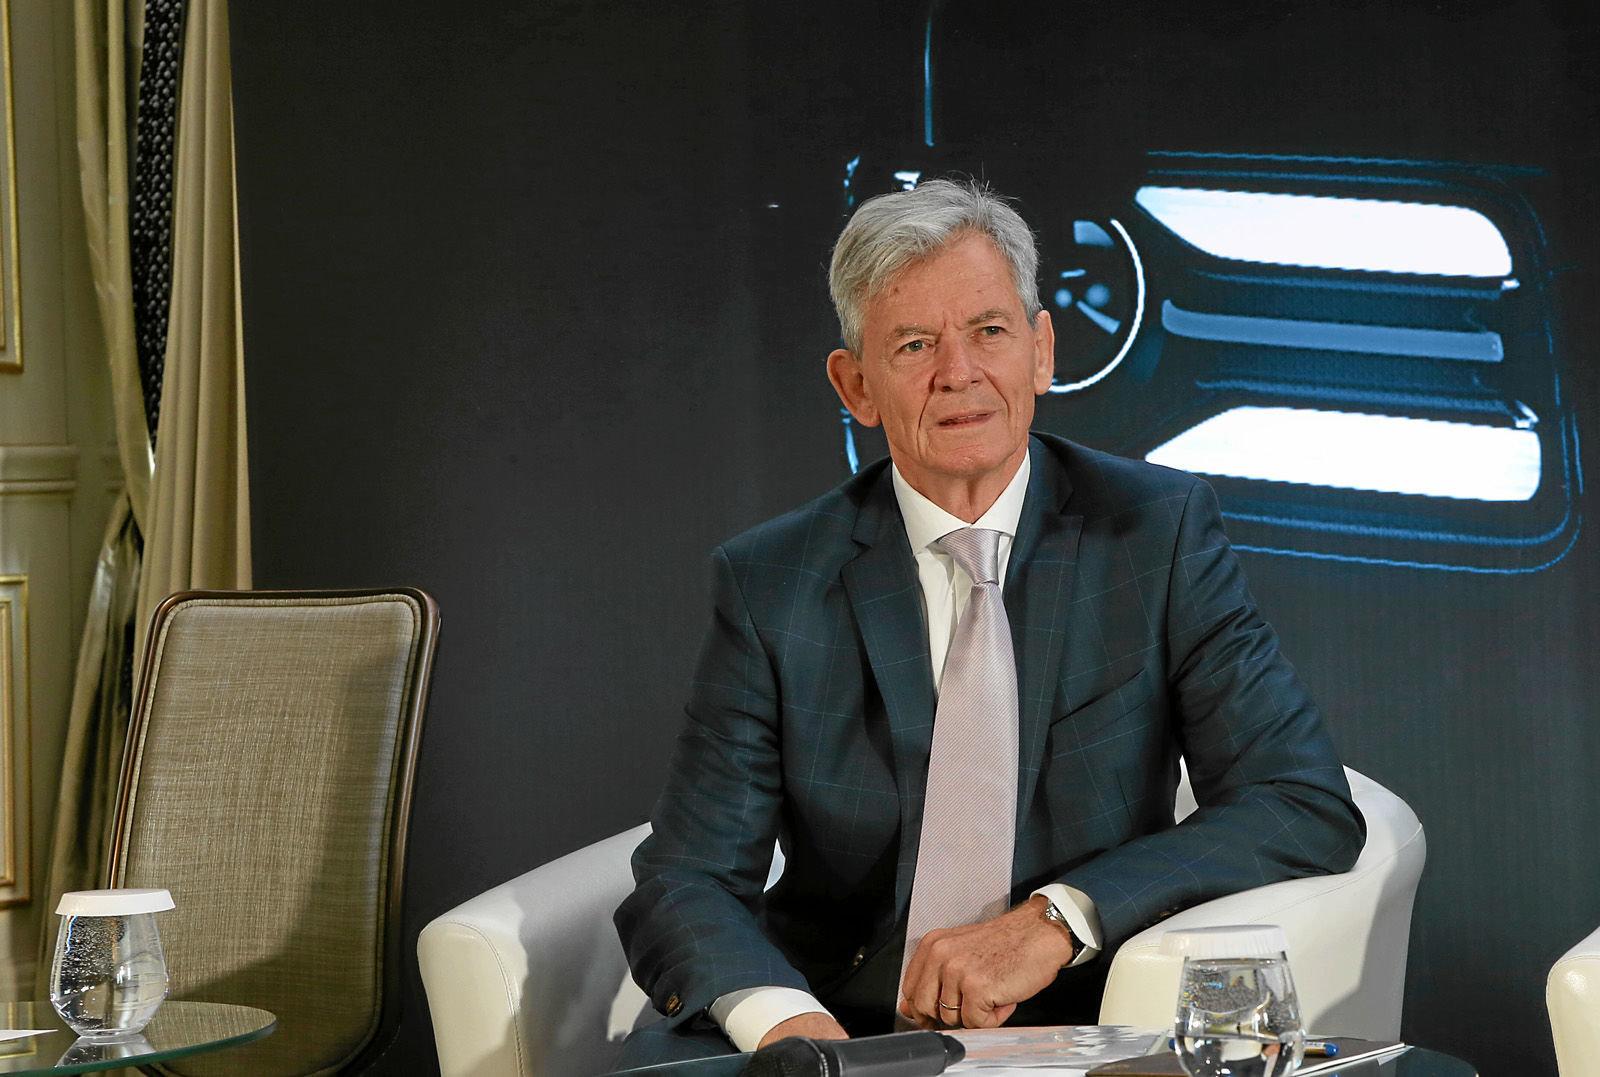 СМИ: руководство Aurus уволили из-за срыва сроков по производству автомобилей